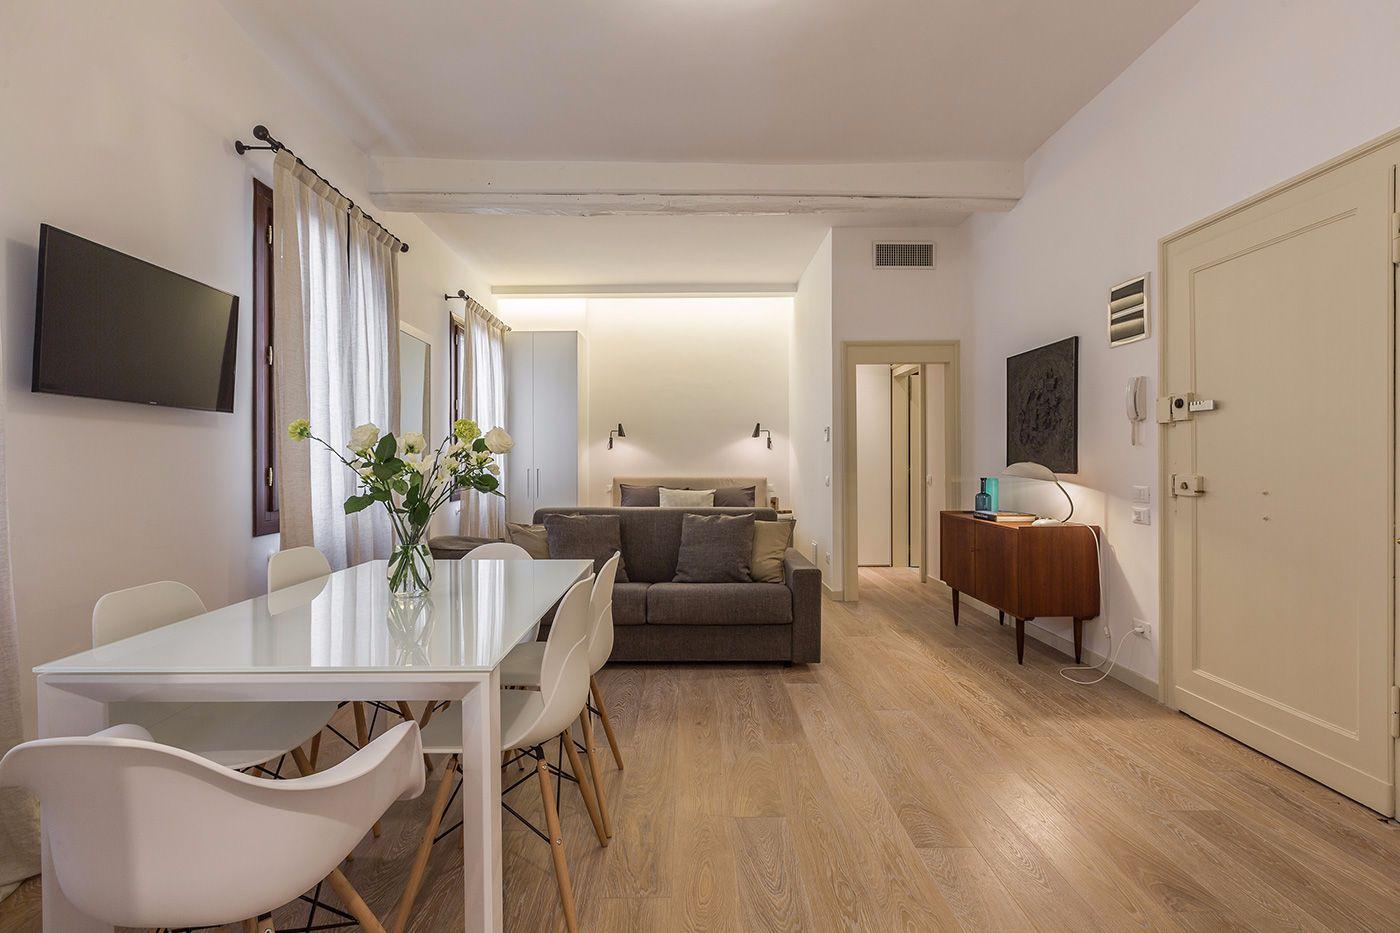 some vintage designer furniture blend with brand new wooden floor